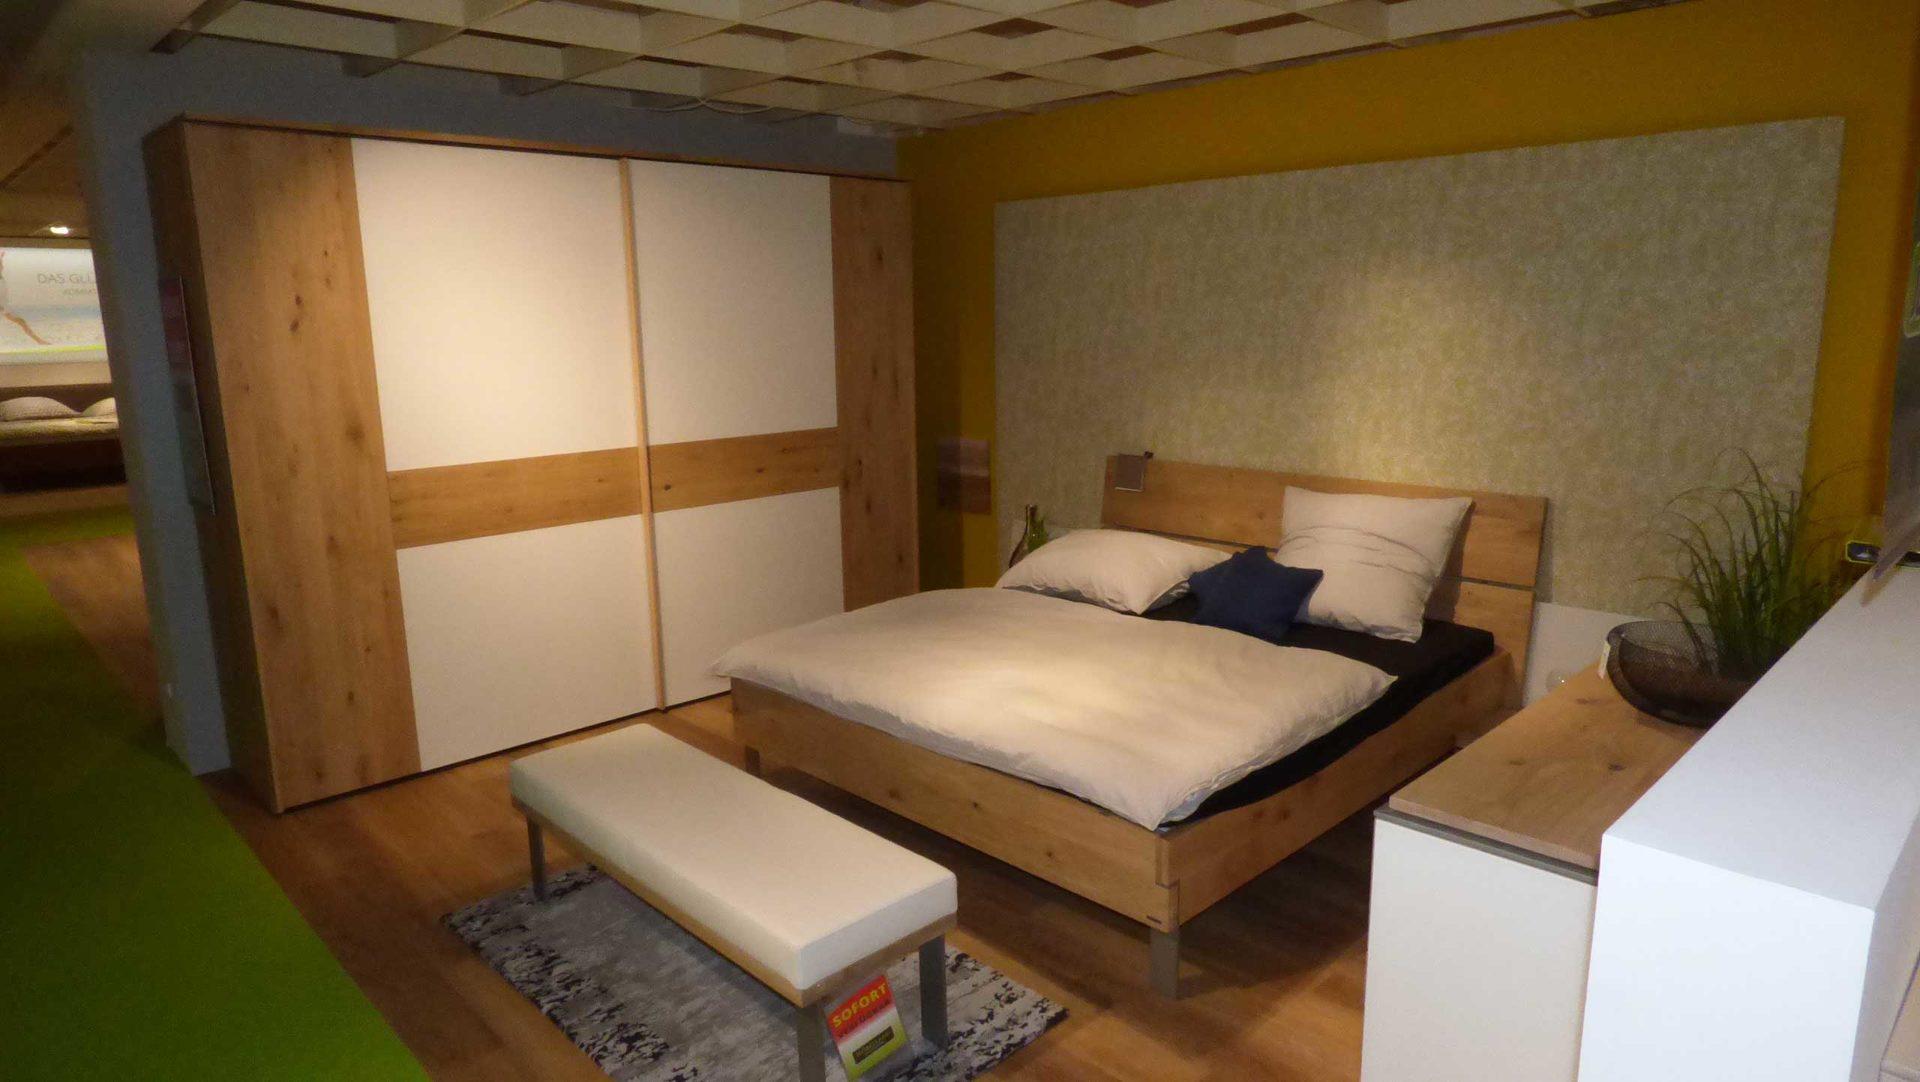 Thielemeyer Schlafzimmer Eiche massiv Bett 180 x 200 cm, Kleiderschrank,  Kommode, Bank, Eiche massiv